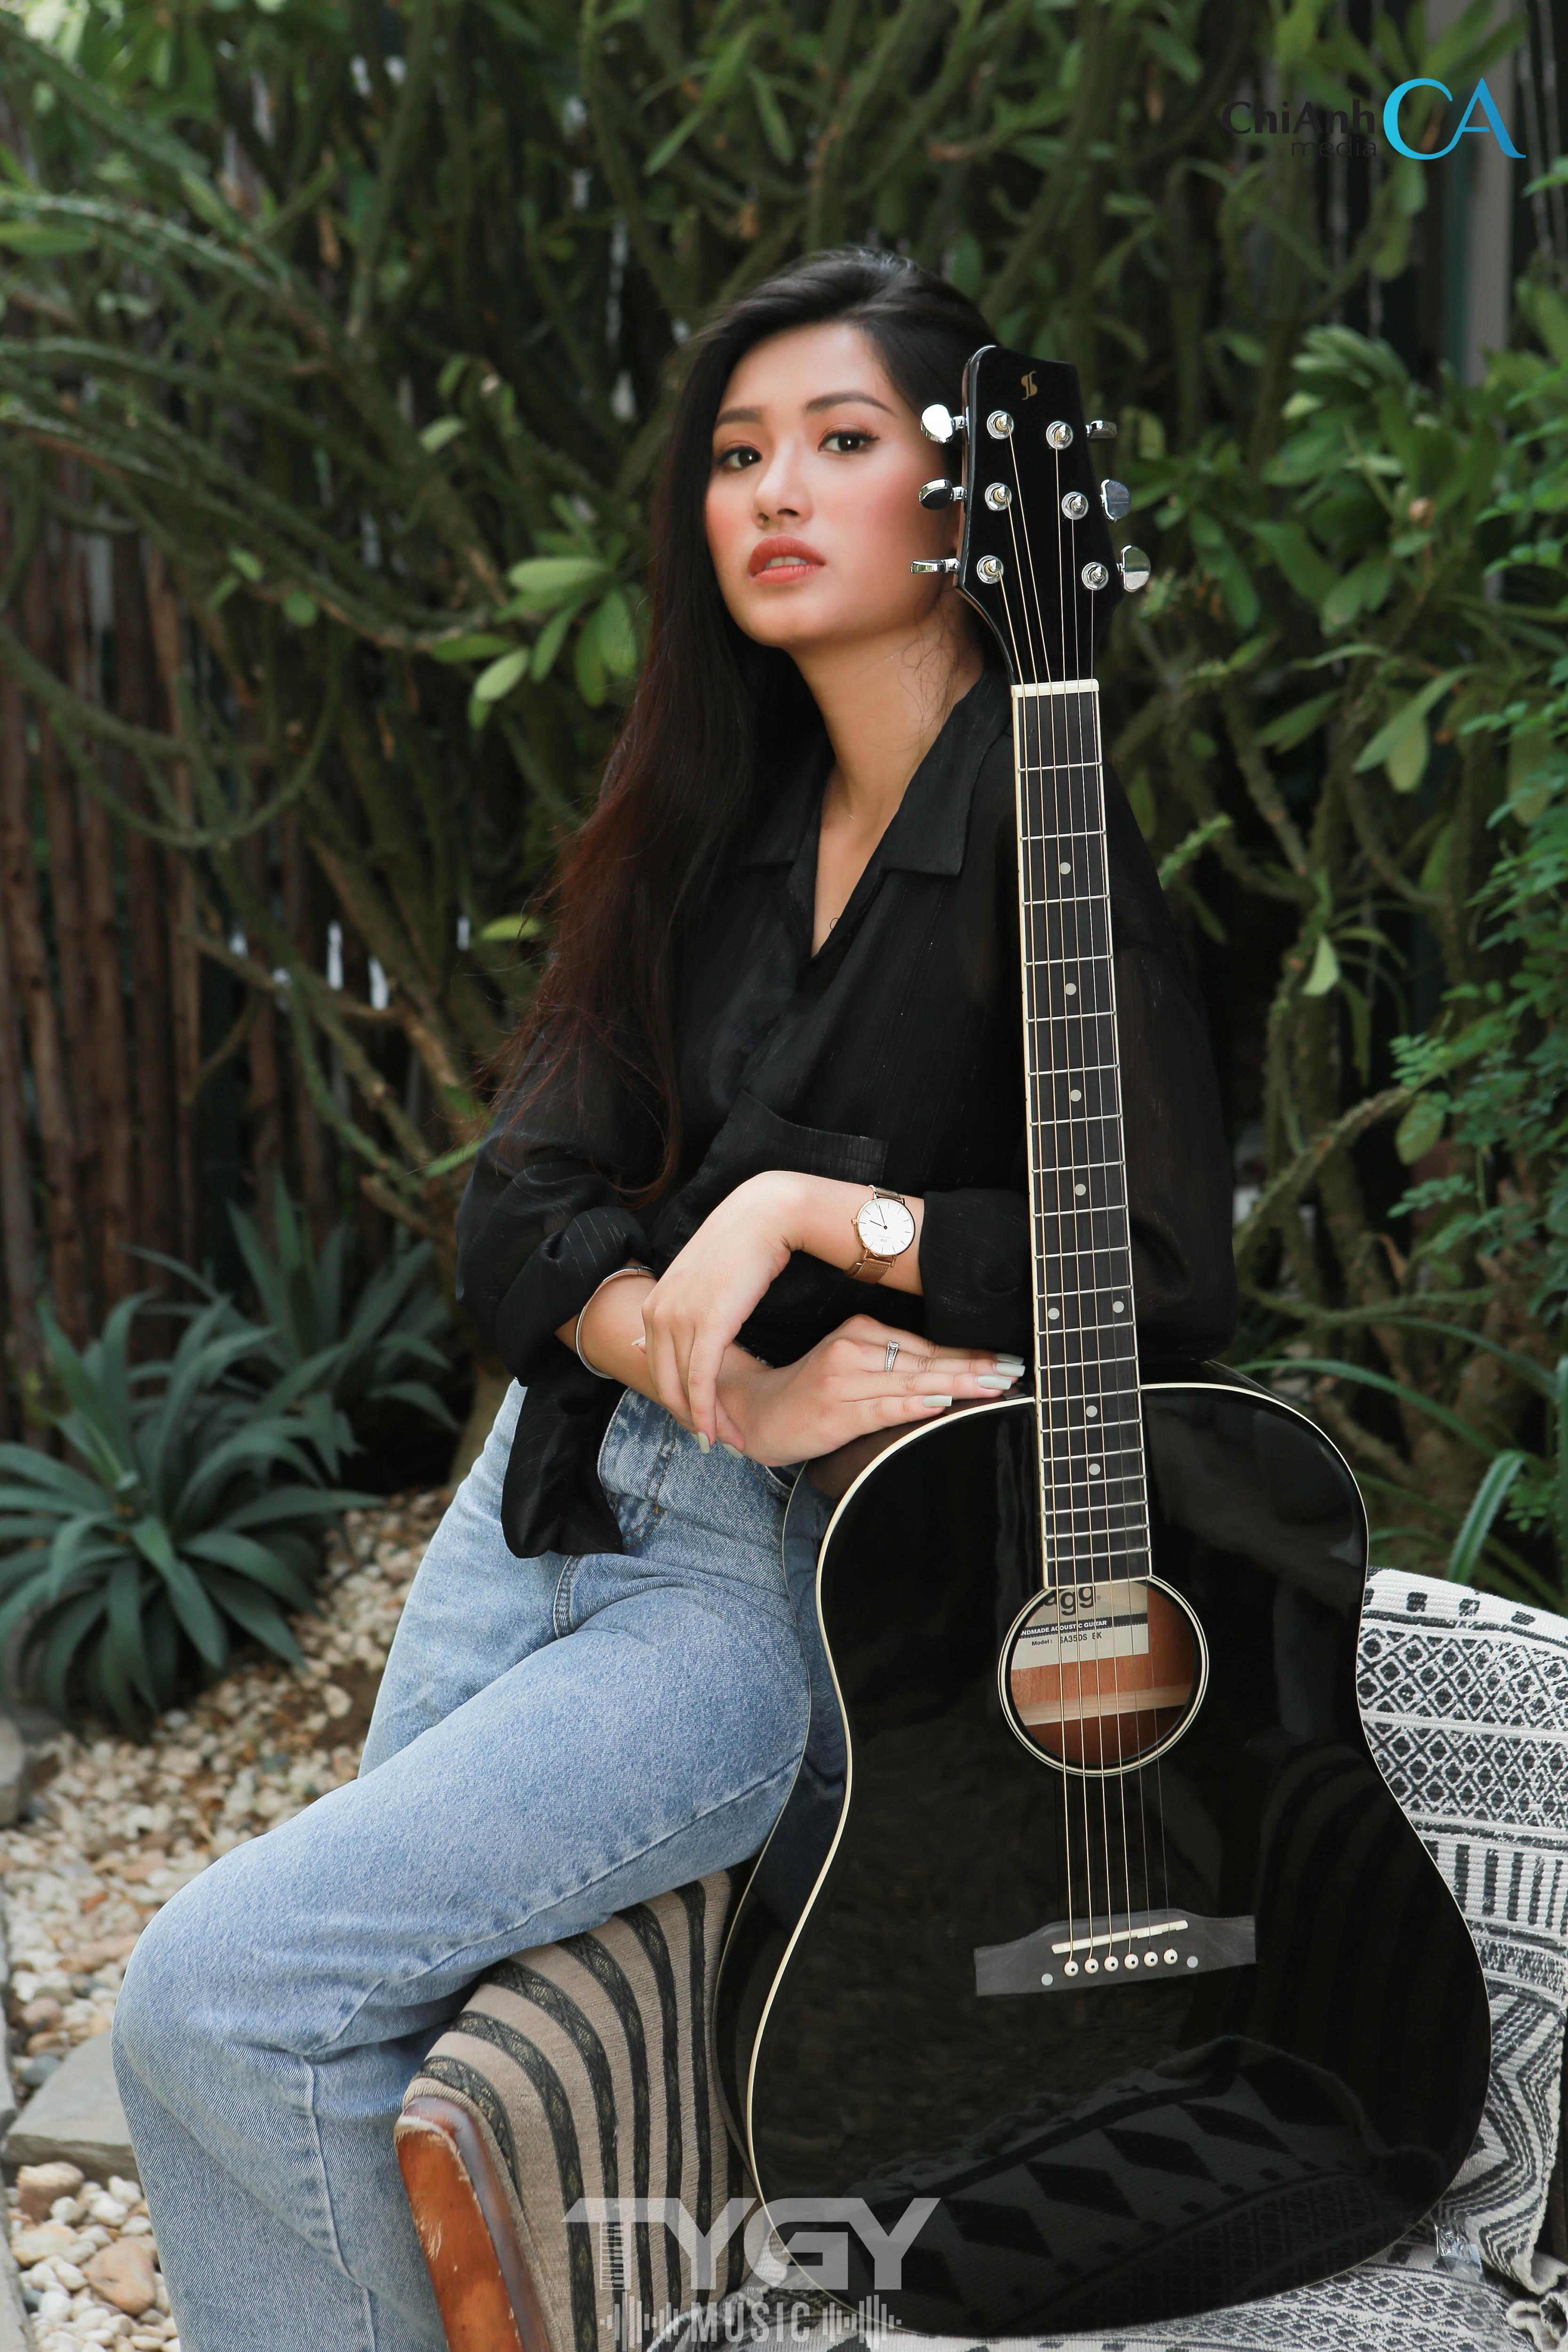 Đàn Guitar Acoustic Stagg SA35 DS-BK Tặng Bao Da, Capo, Pic, Ty Chỉnh Cần Đang Có Ưu Đãi